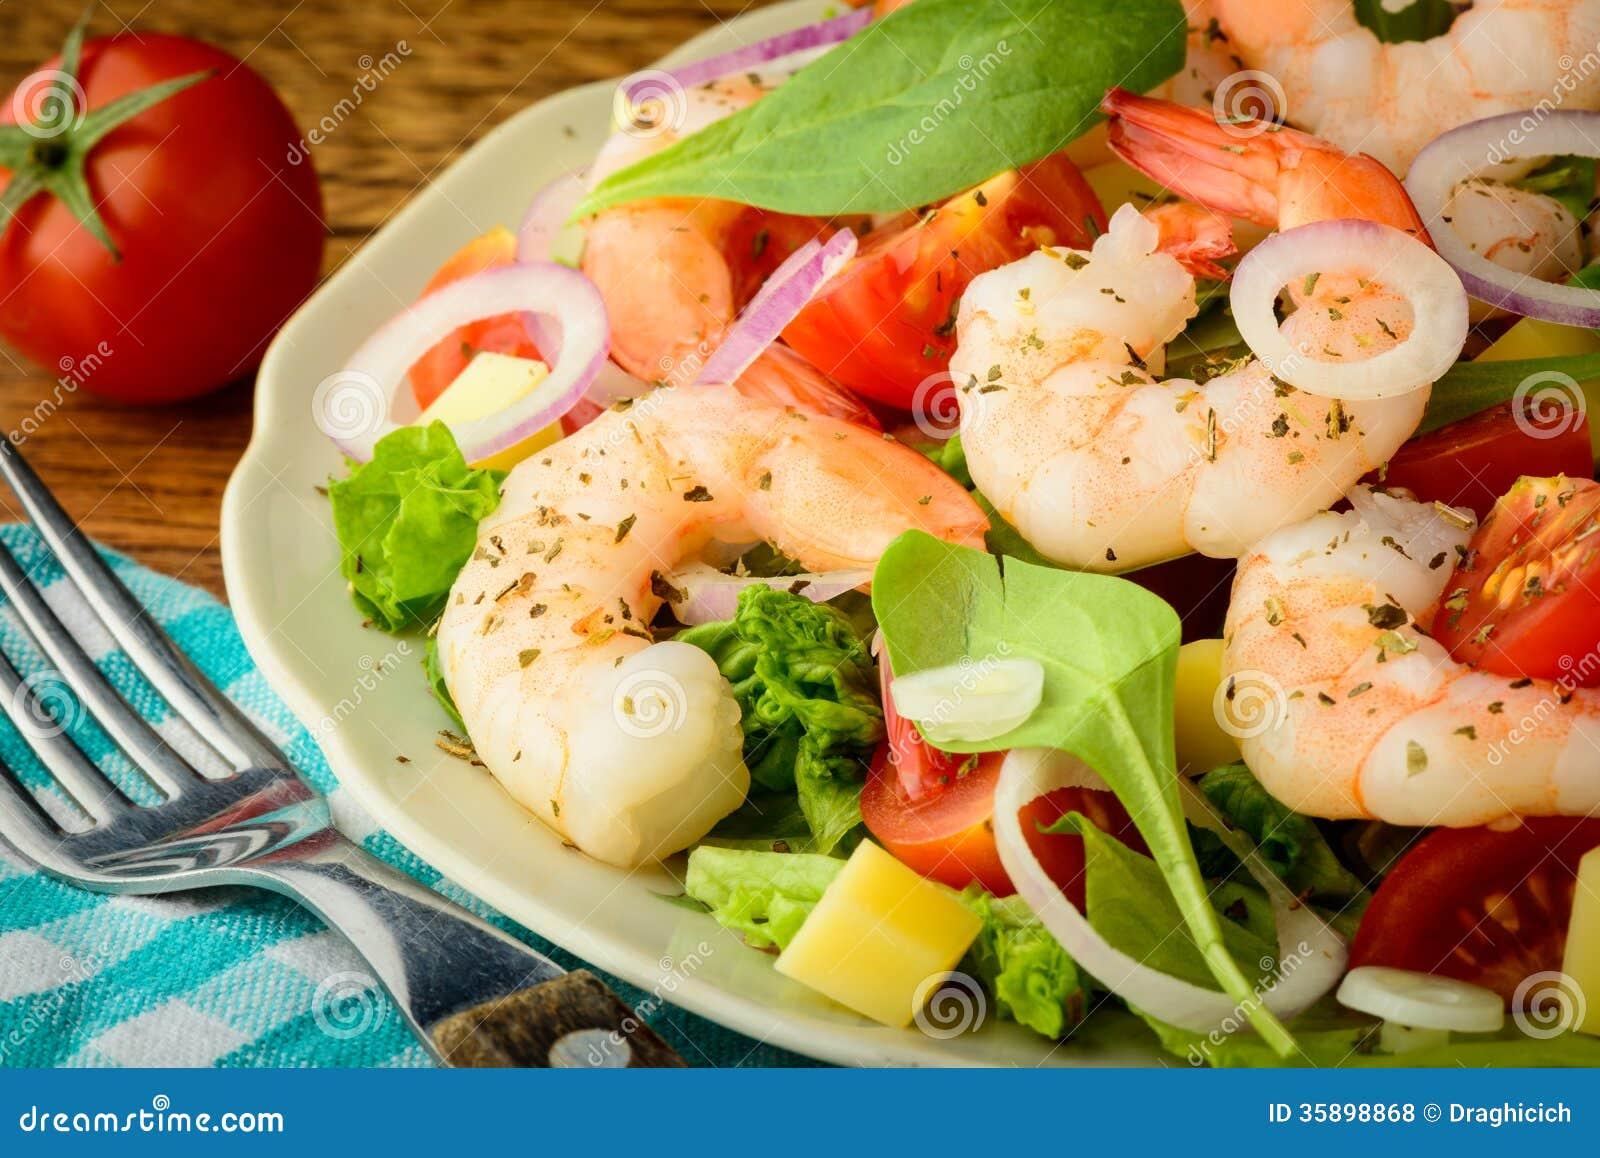 ... mozzarella onions spinach salad with fresh mozzarella pears and bacon